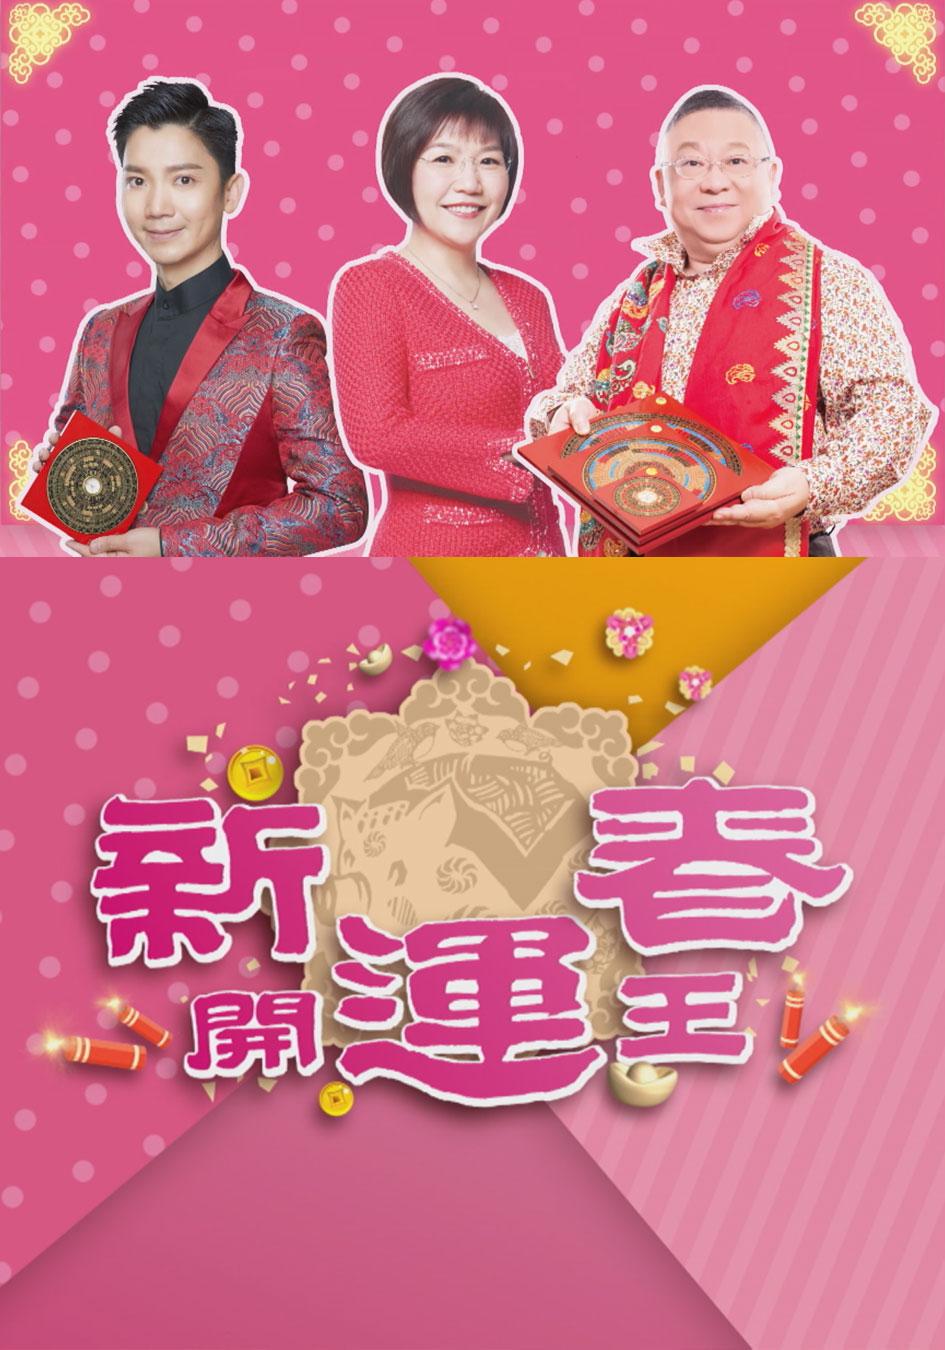 新春開運王-2019 Fortune Show